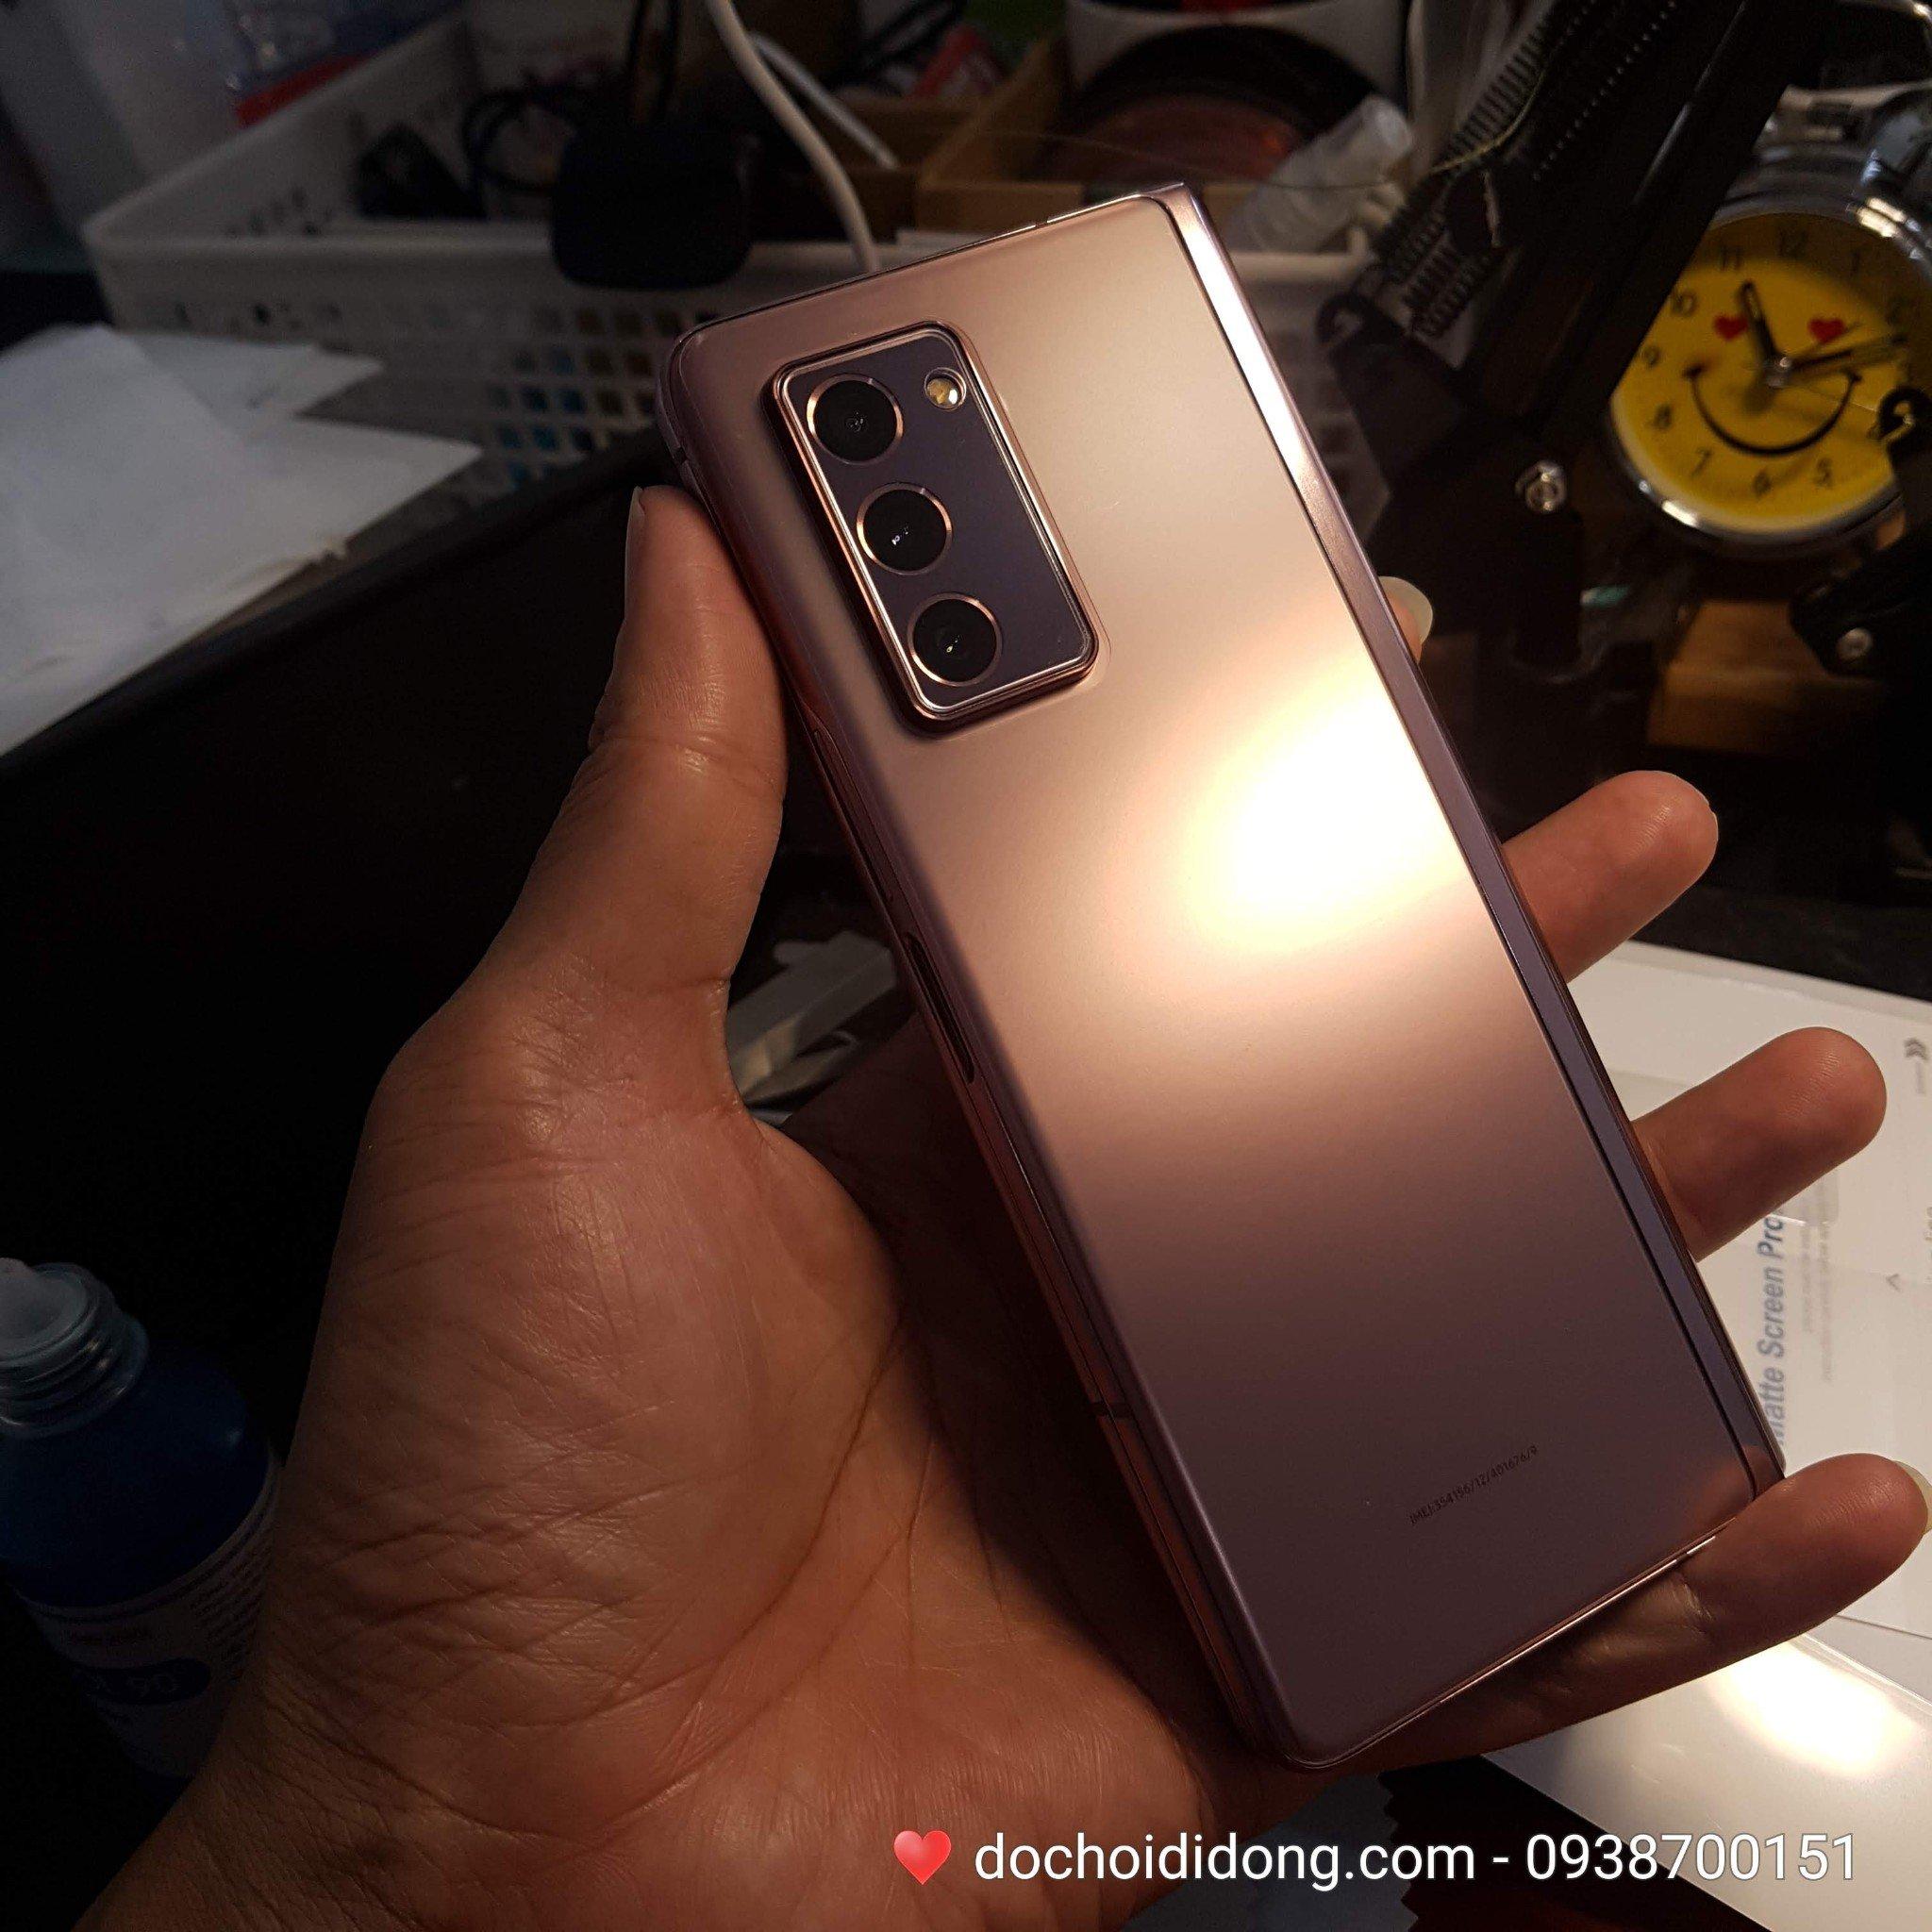 CHUẨN FORM - Miếng dán PPF Samsung Z Fold 2 trong, nhám, đổi màu cao cấp